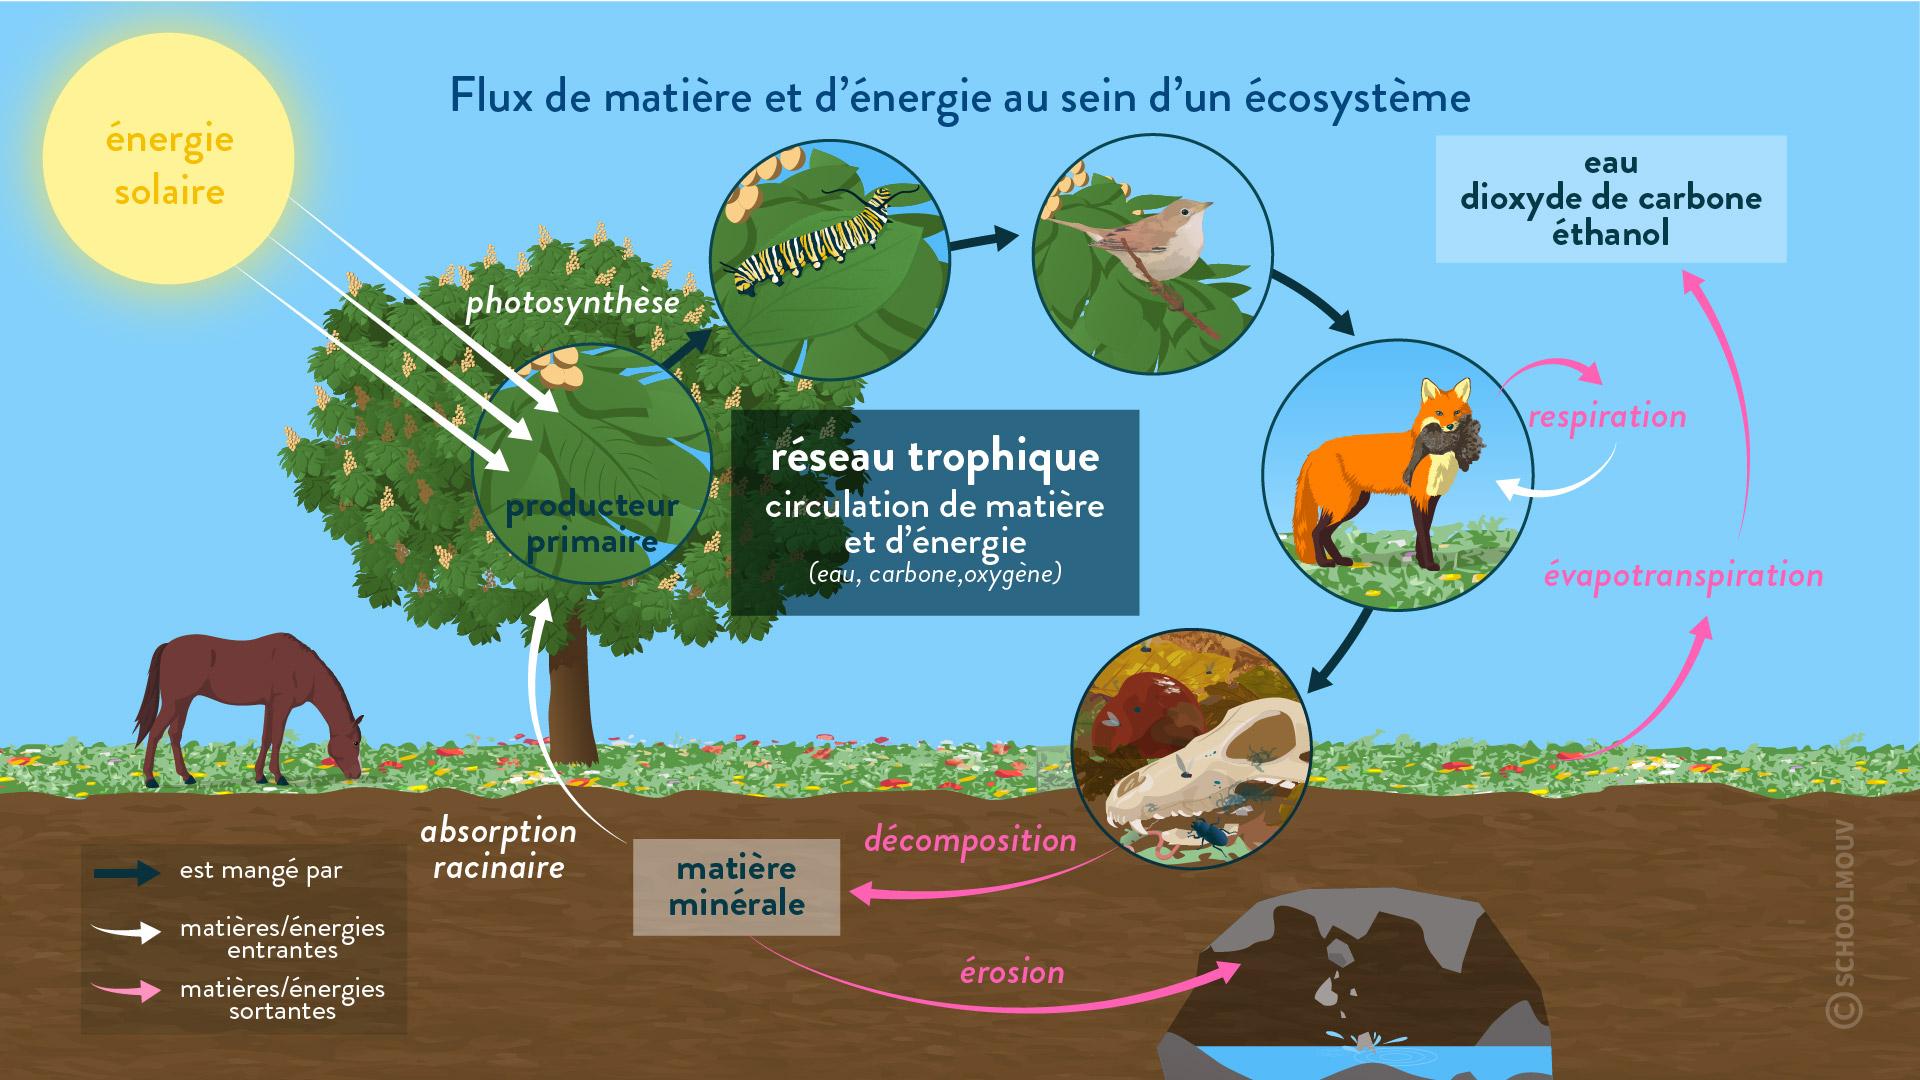 flux de matière et d'énergie au sein d'un écosystème énergie solaire producteur primaire réseau trophique respiration décomposition érosion évapotranspiration êtres vivants milieux interactions svt première schoolmouv